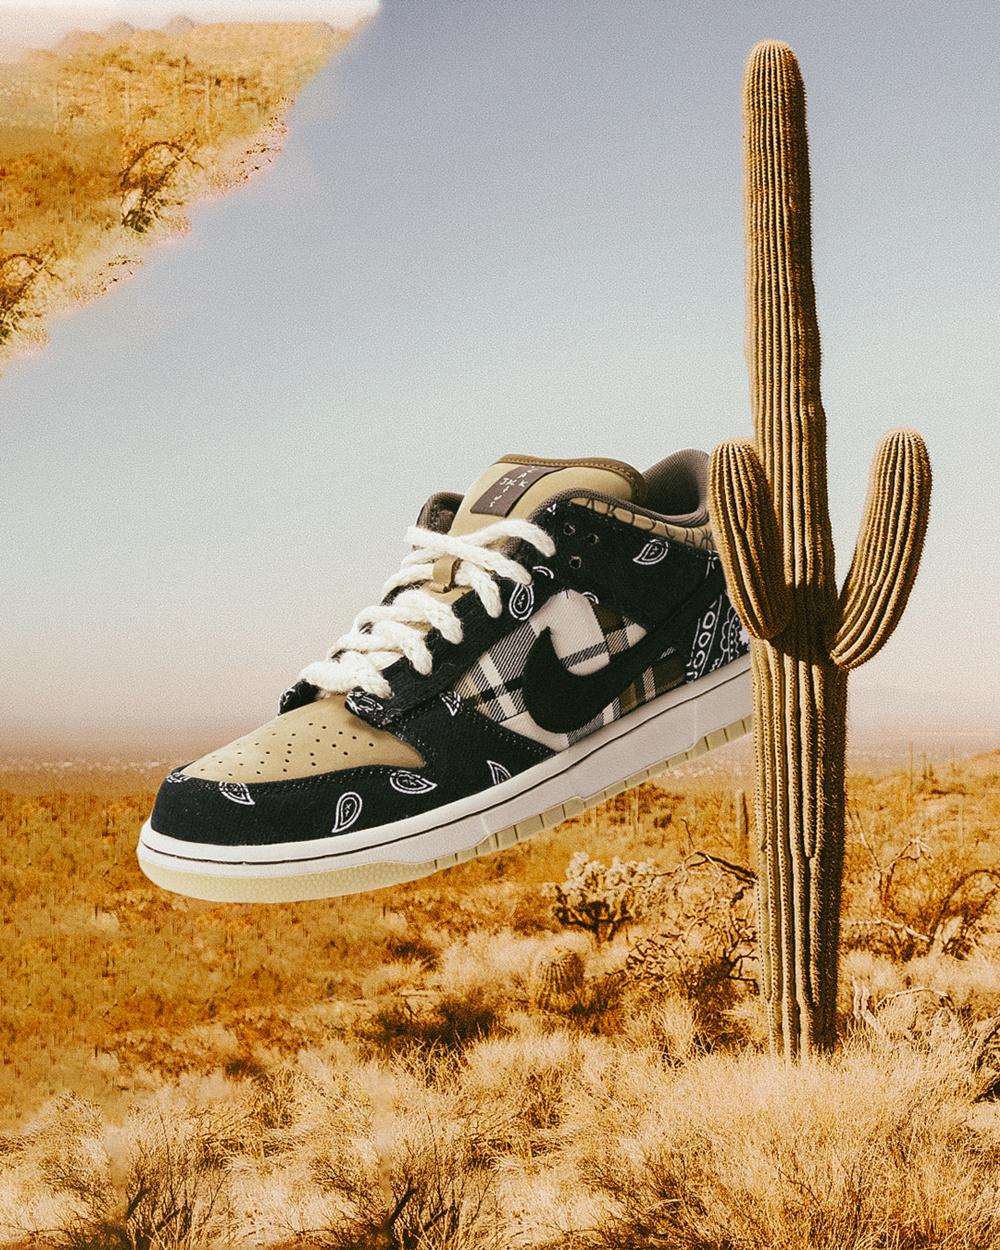 The Nike SB x Travis Scott Dunk Low